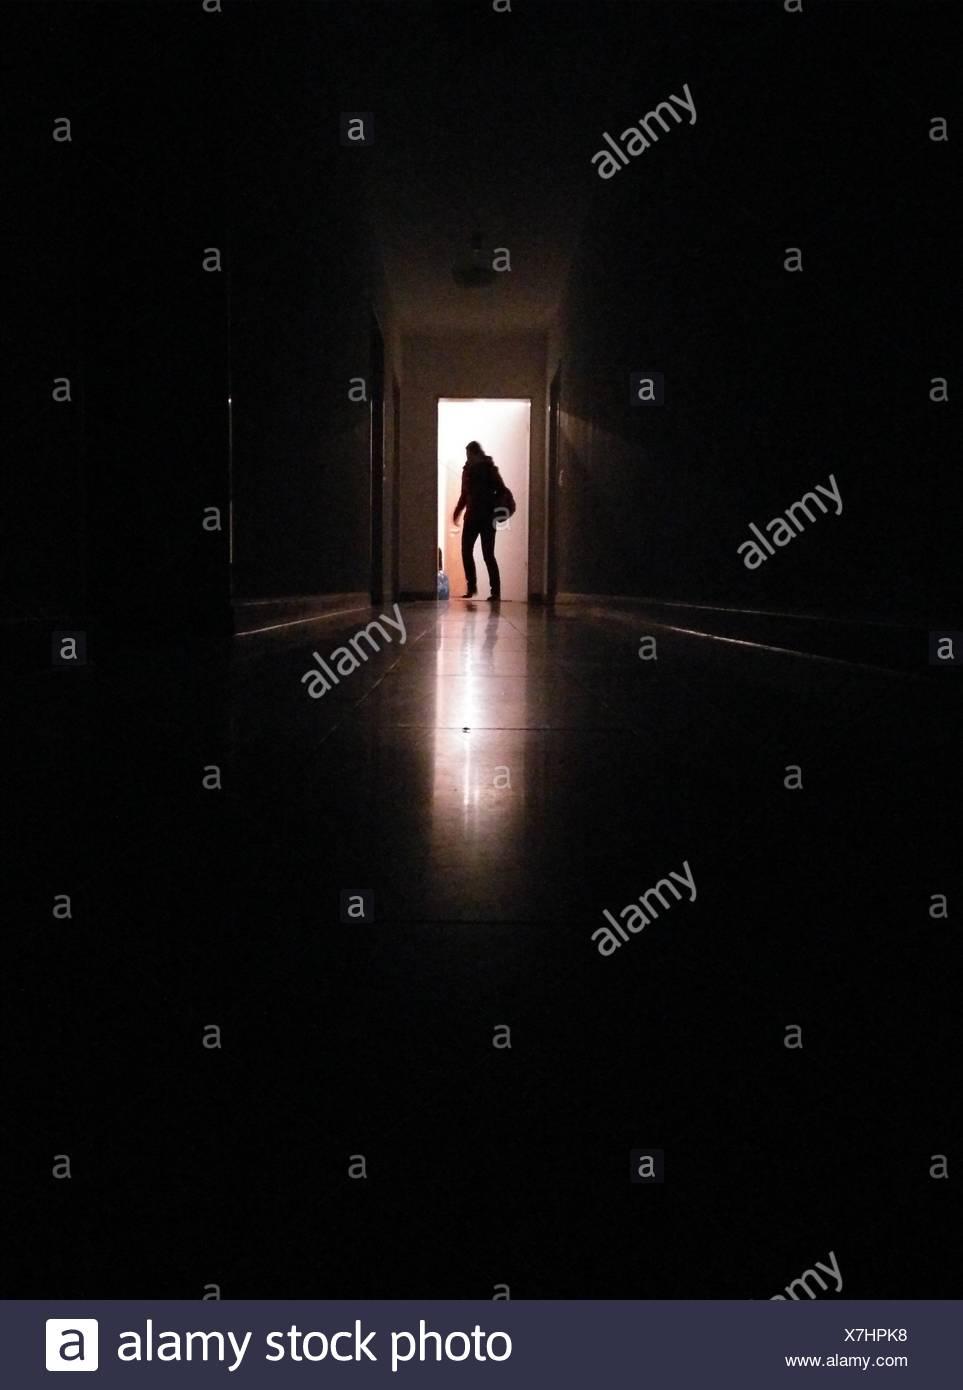 Persona de silueta en el pasillo entrando en la habitación iluminada Imagen De Stock